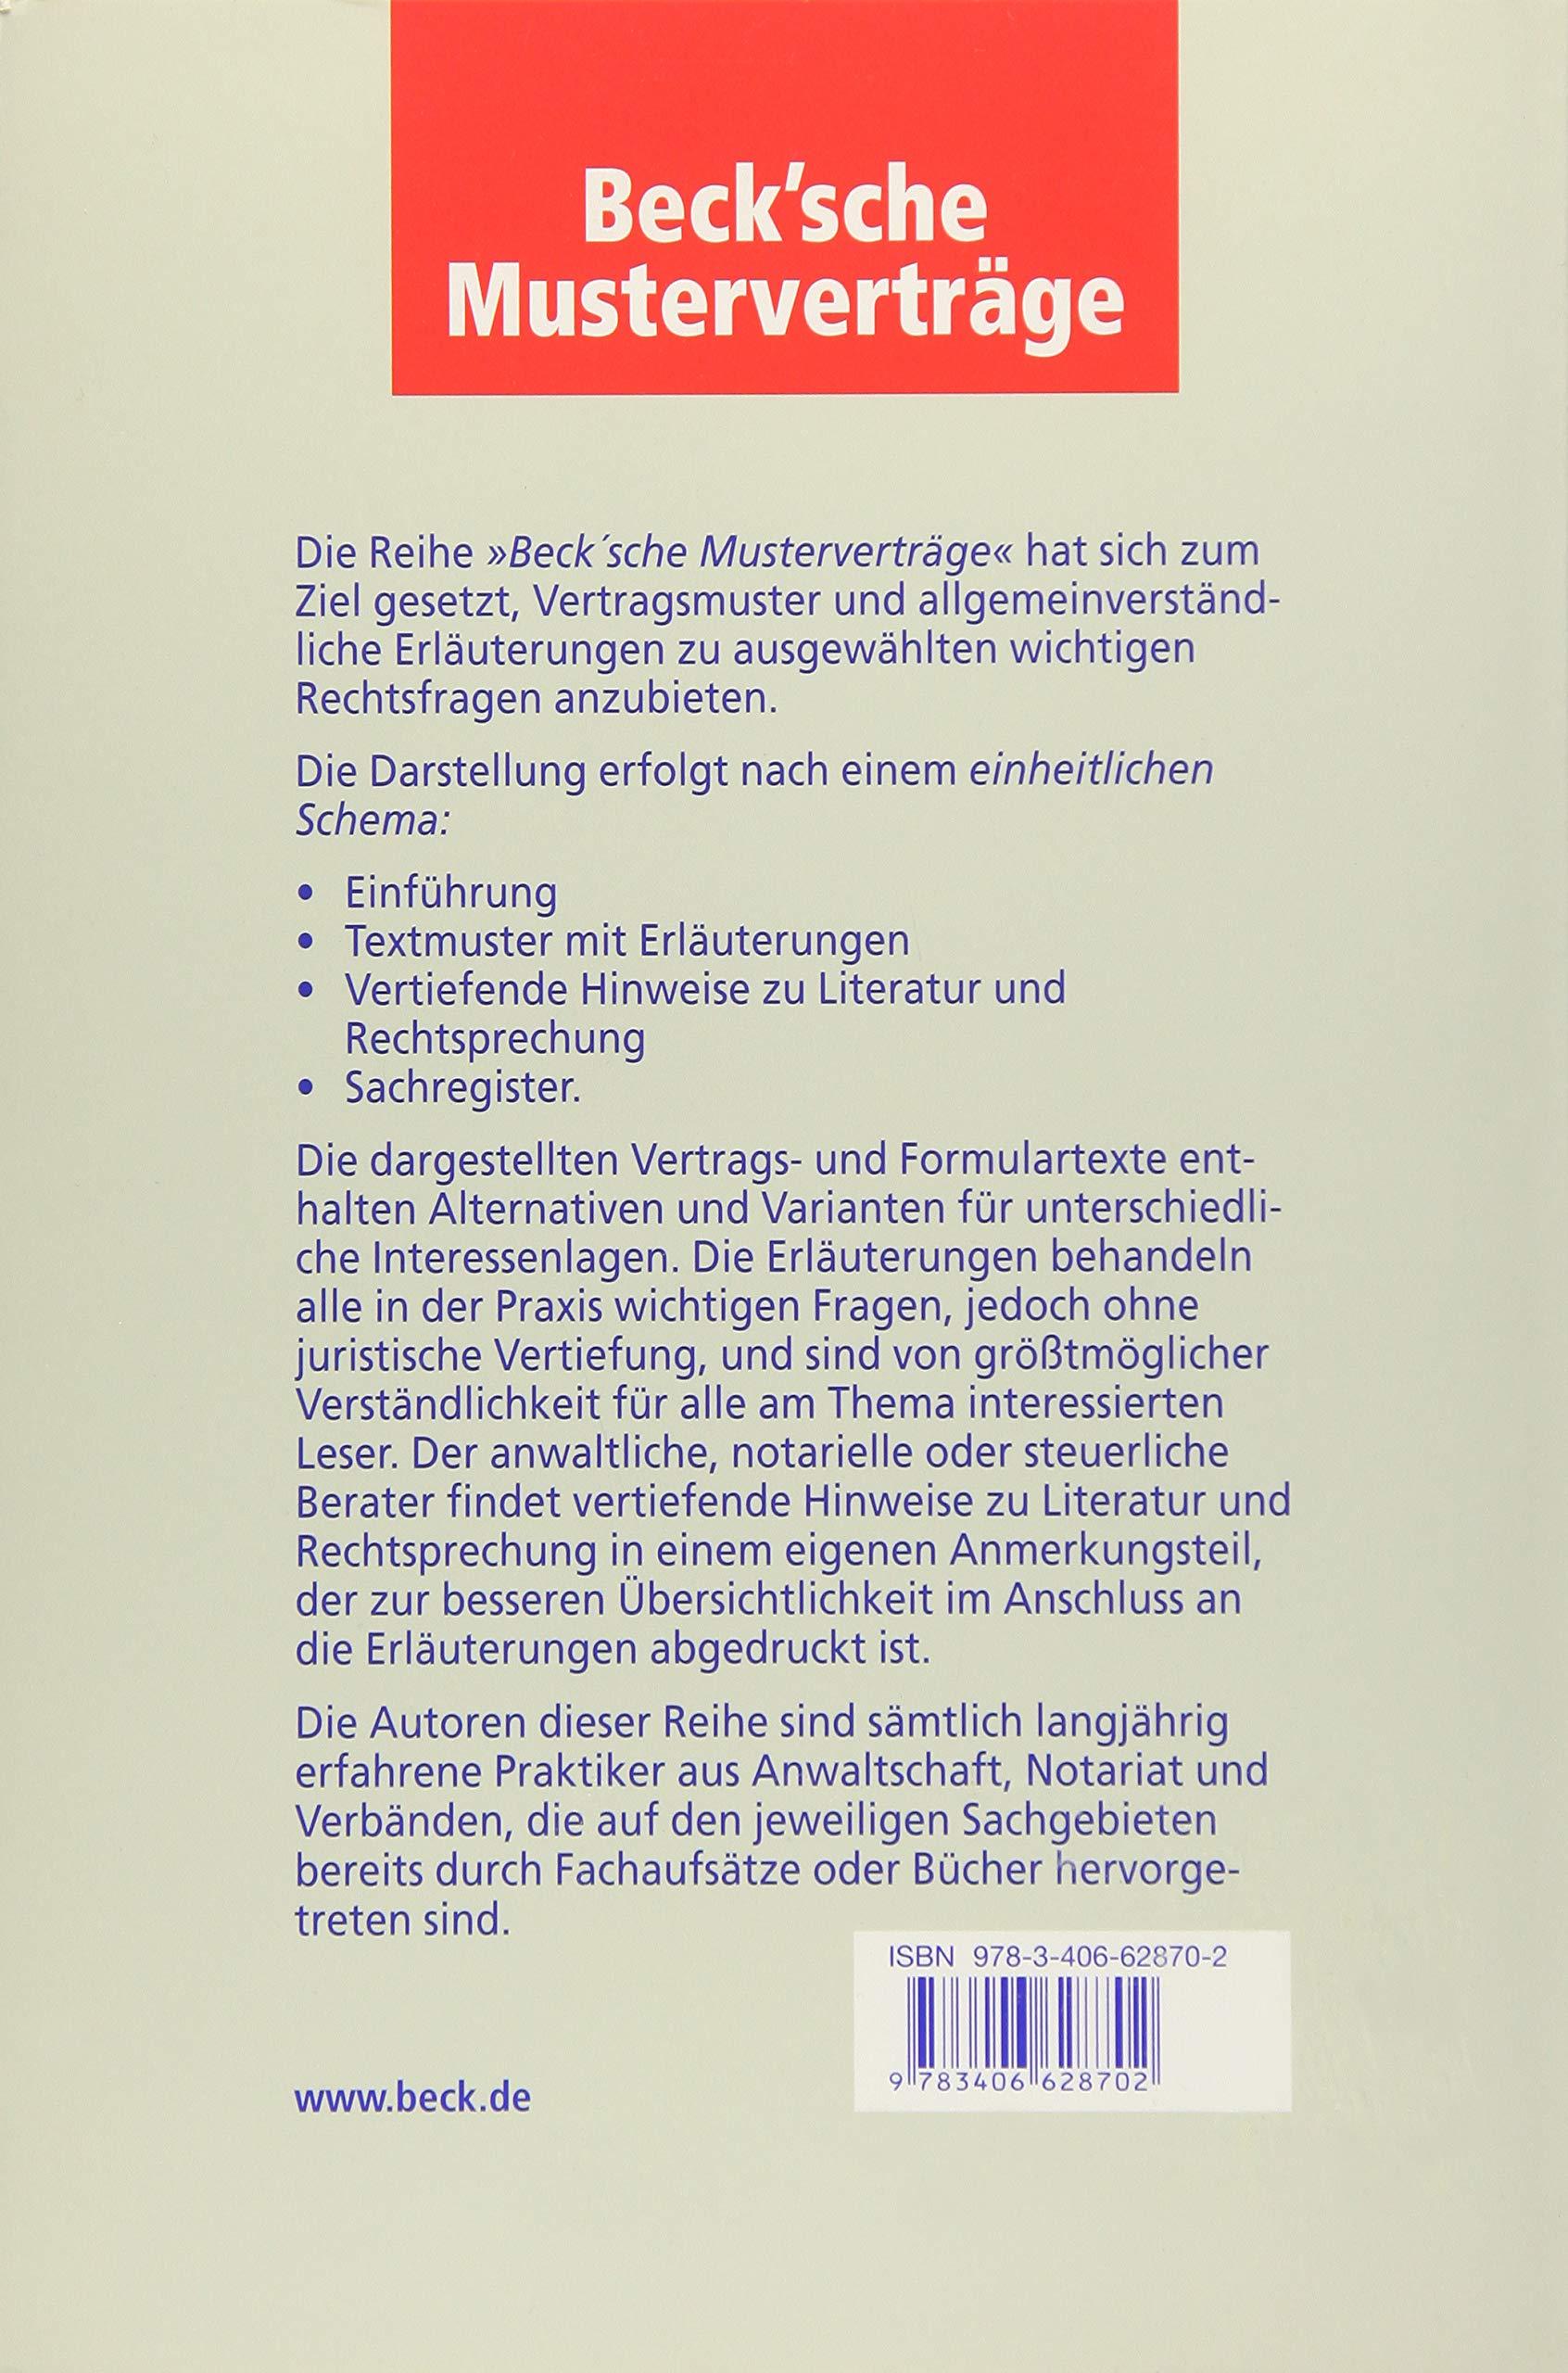 Der Gesellschaftsvertrag Der Kommanditgesellschaft Nicco Hahn